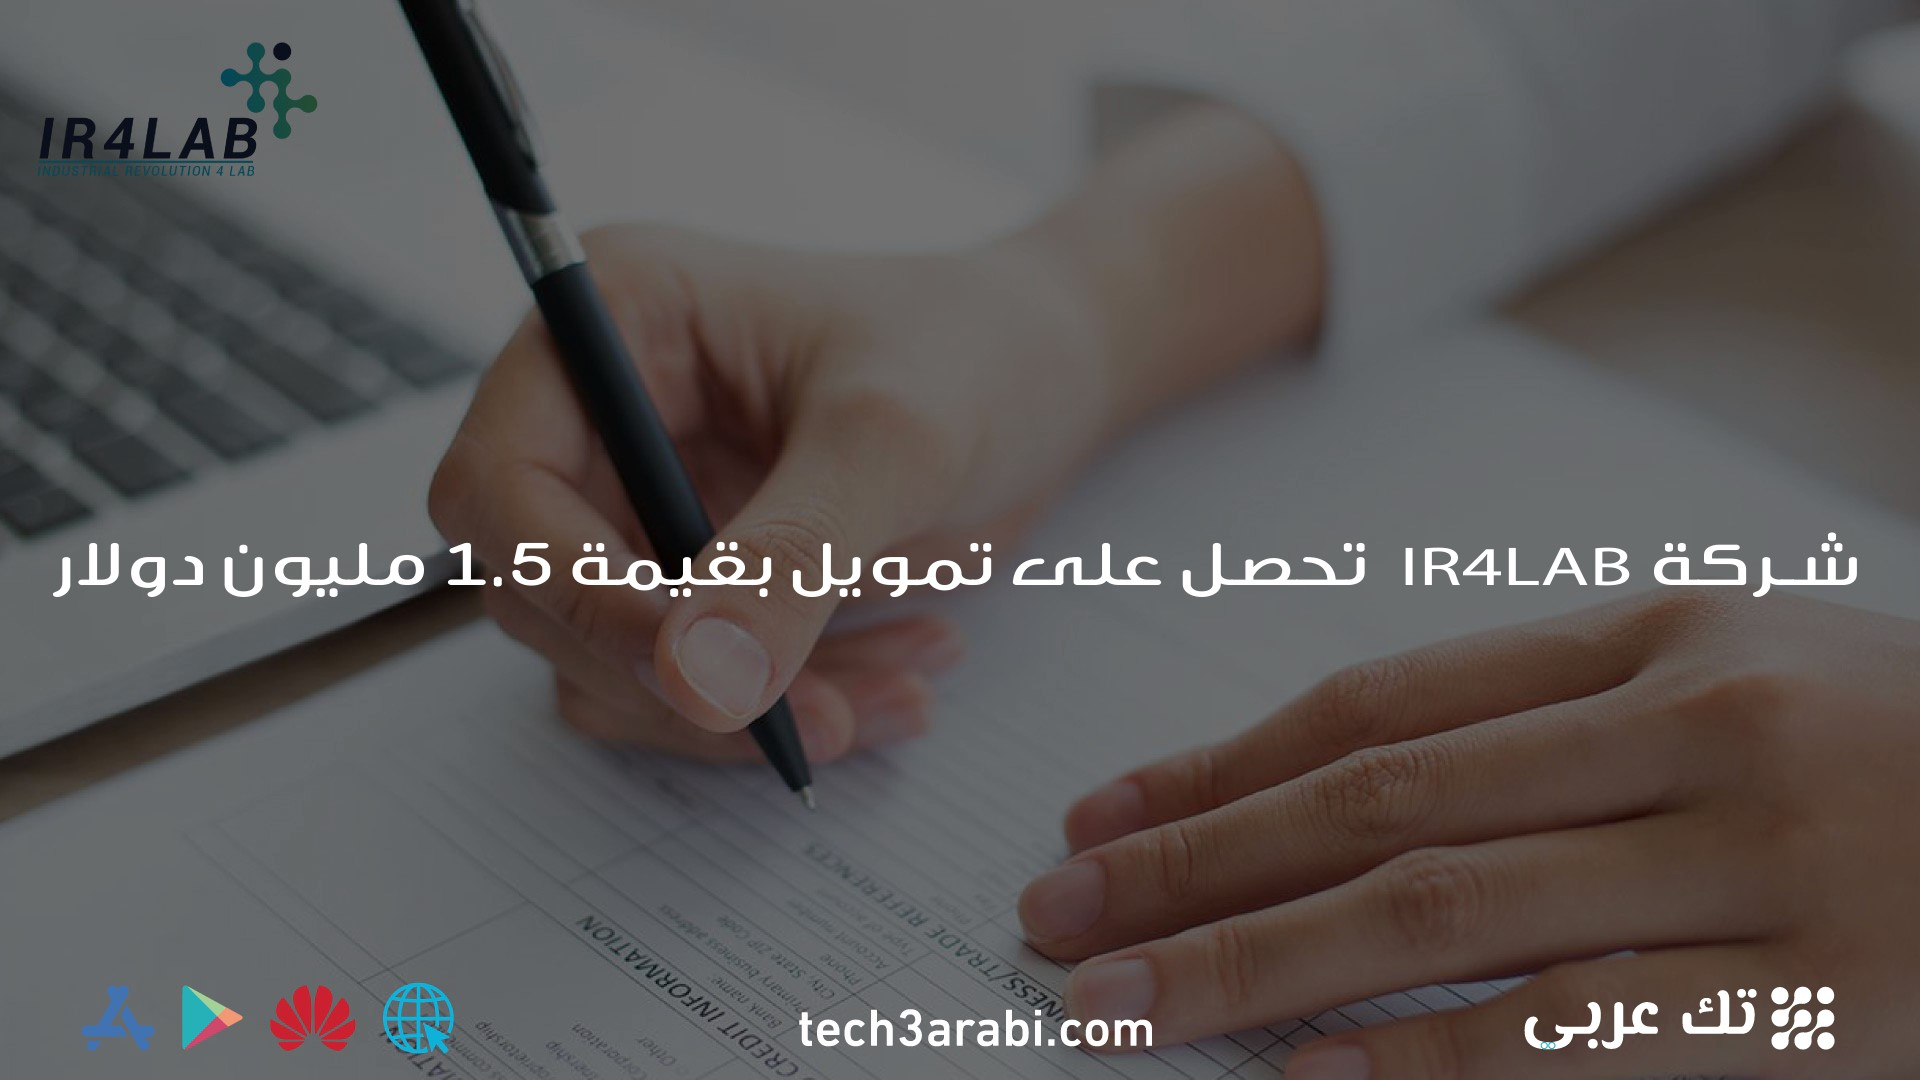 منصة IR4LAB تحصل على تمويل بقيمة 1.5 مليون دولار